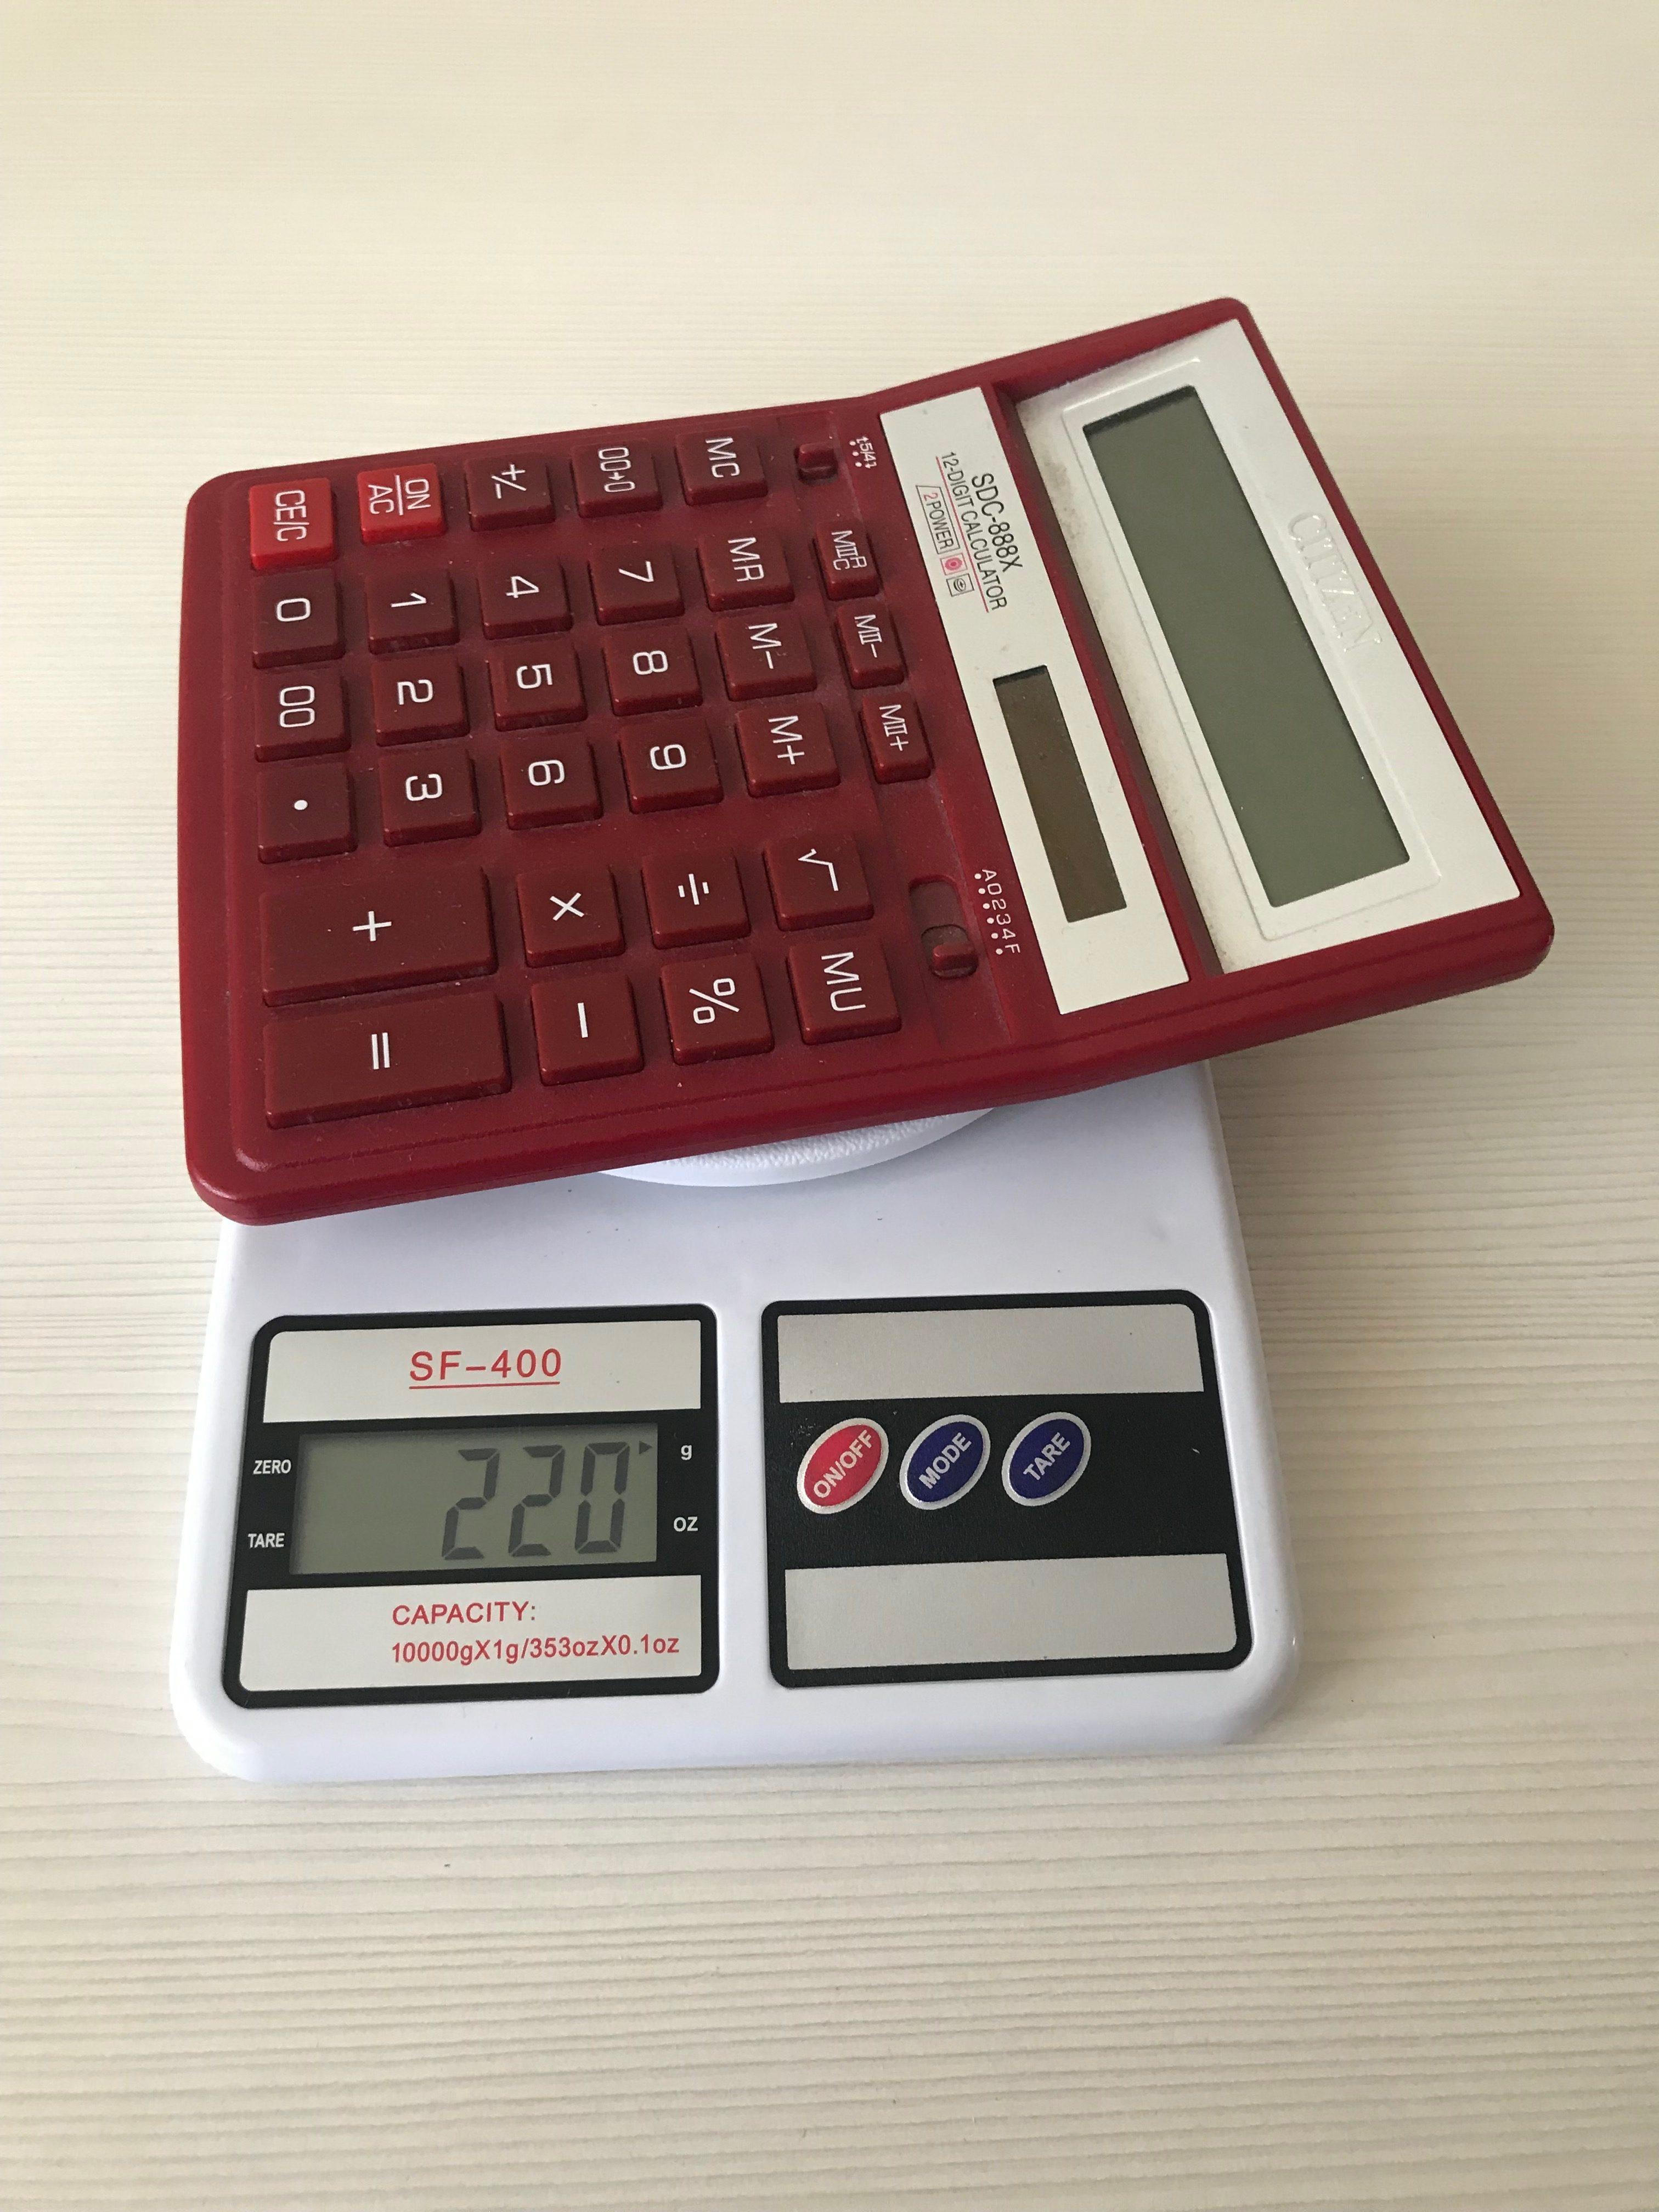 вес калькулятора